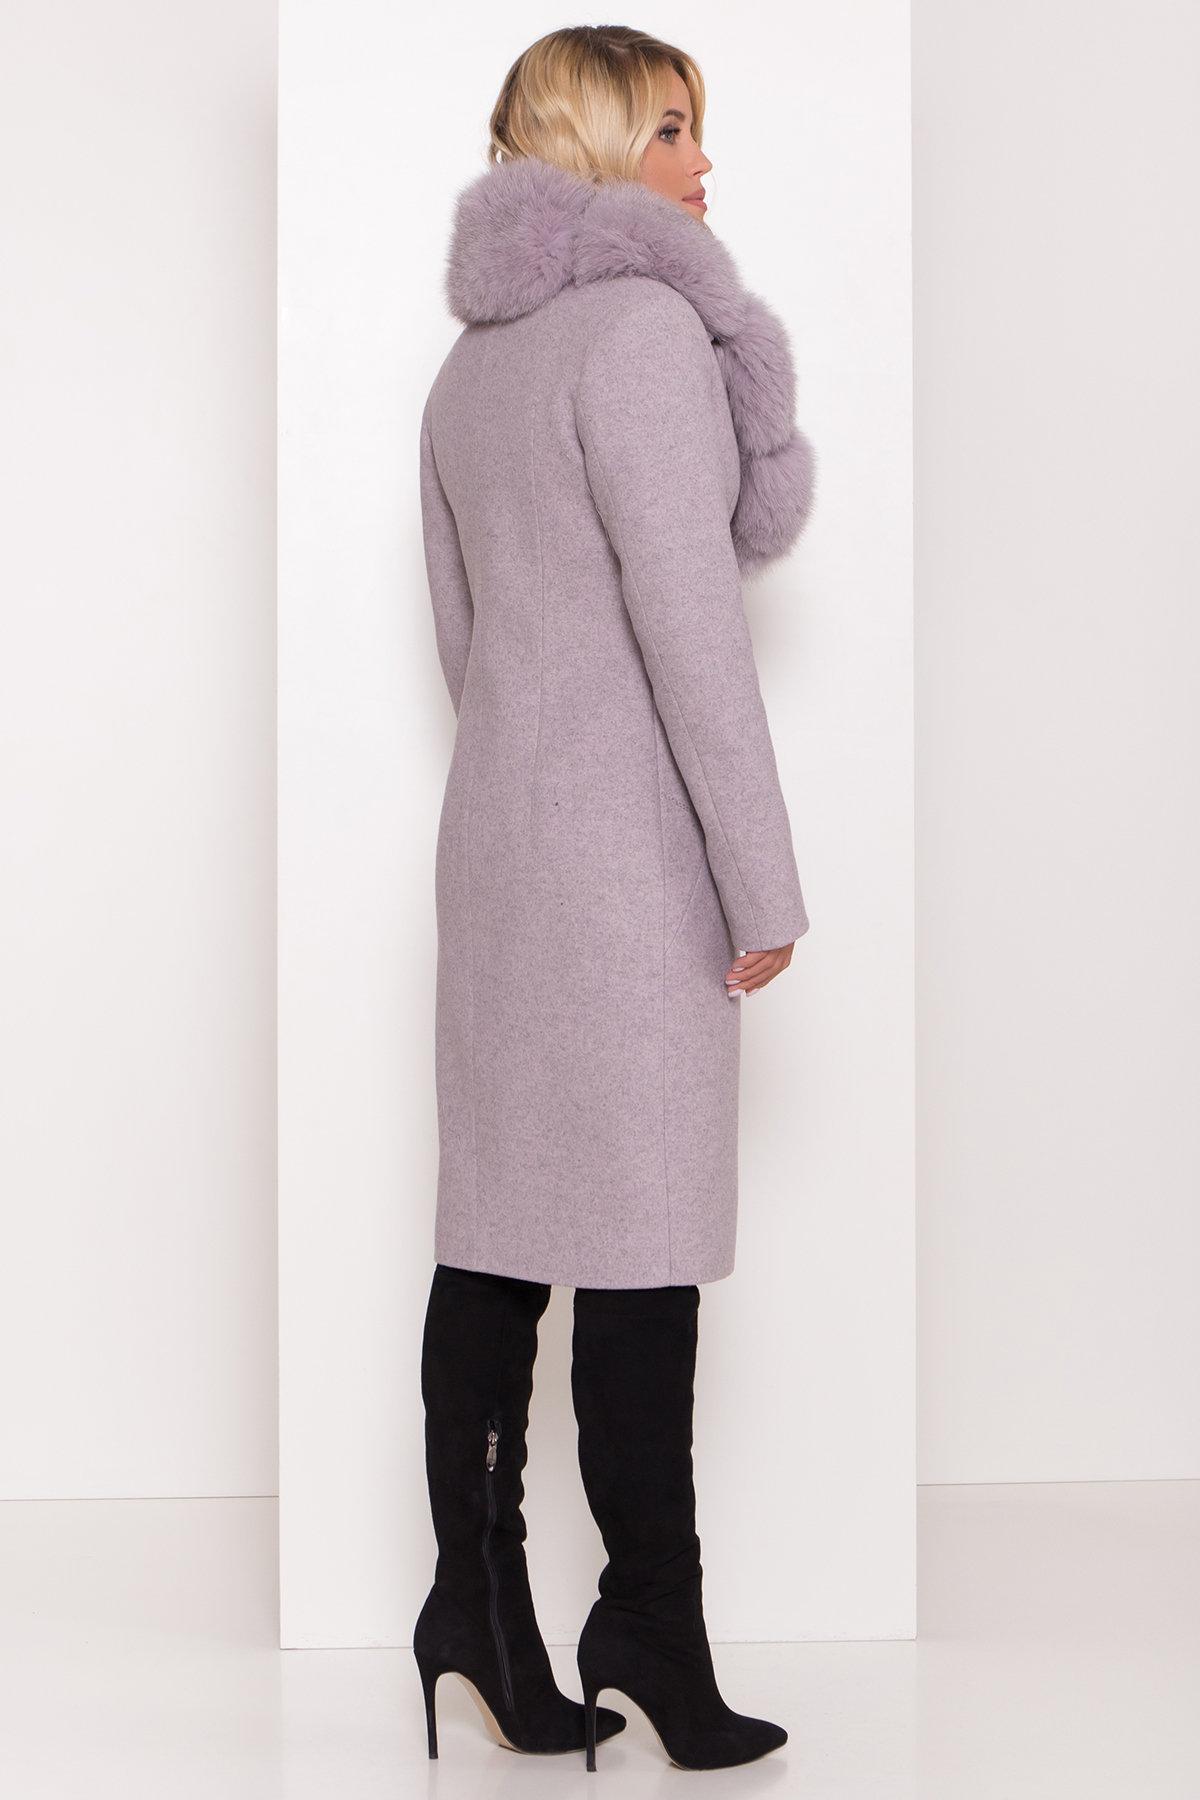 Серое стильное пальто зима с меховым воротником Камила классик 8165 Цвет: Серо-розовый 46